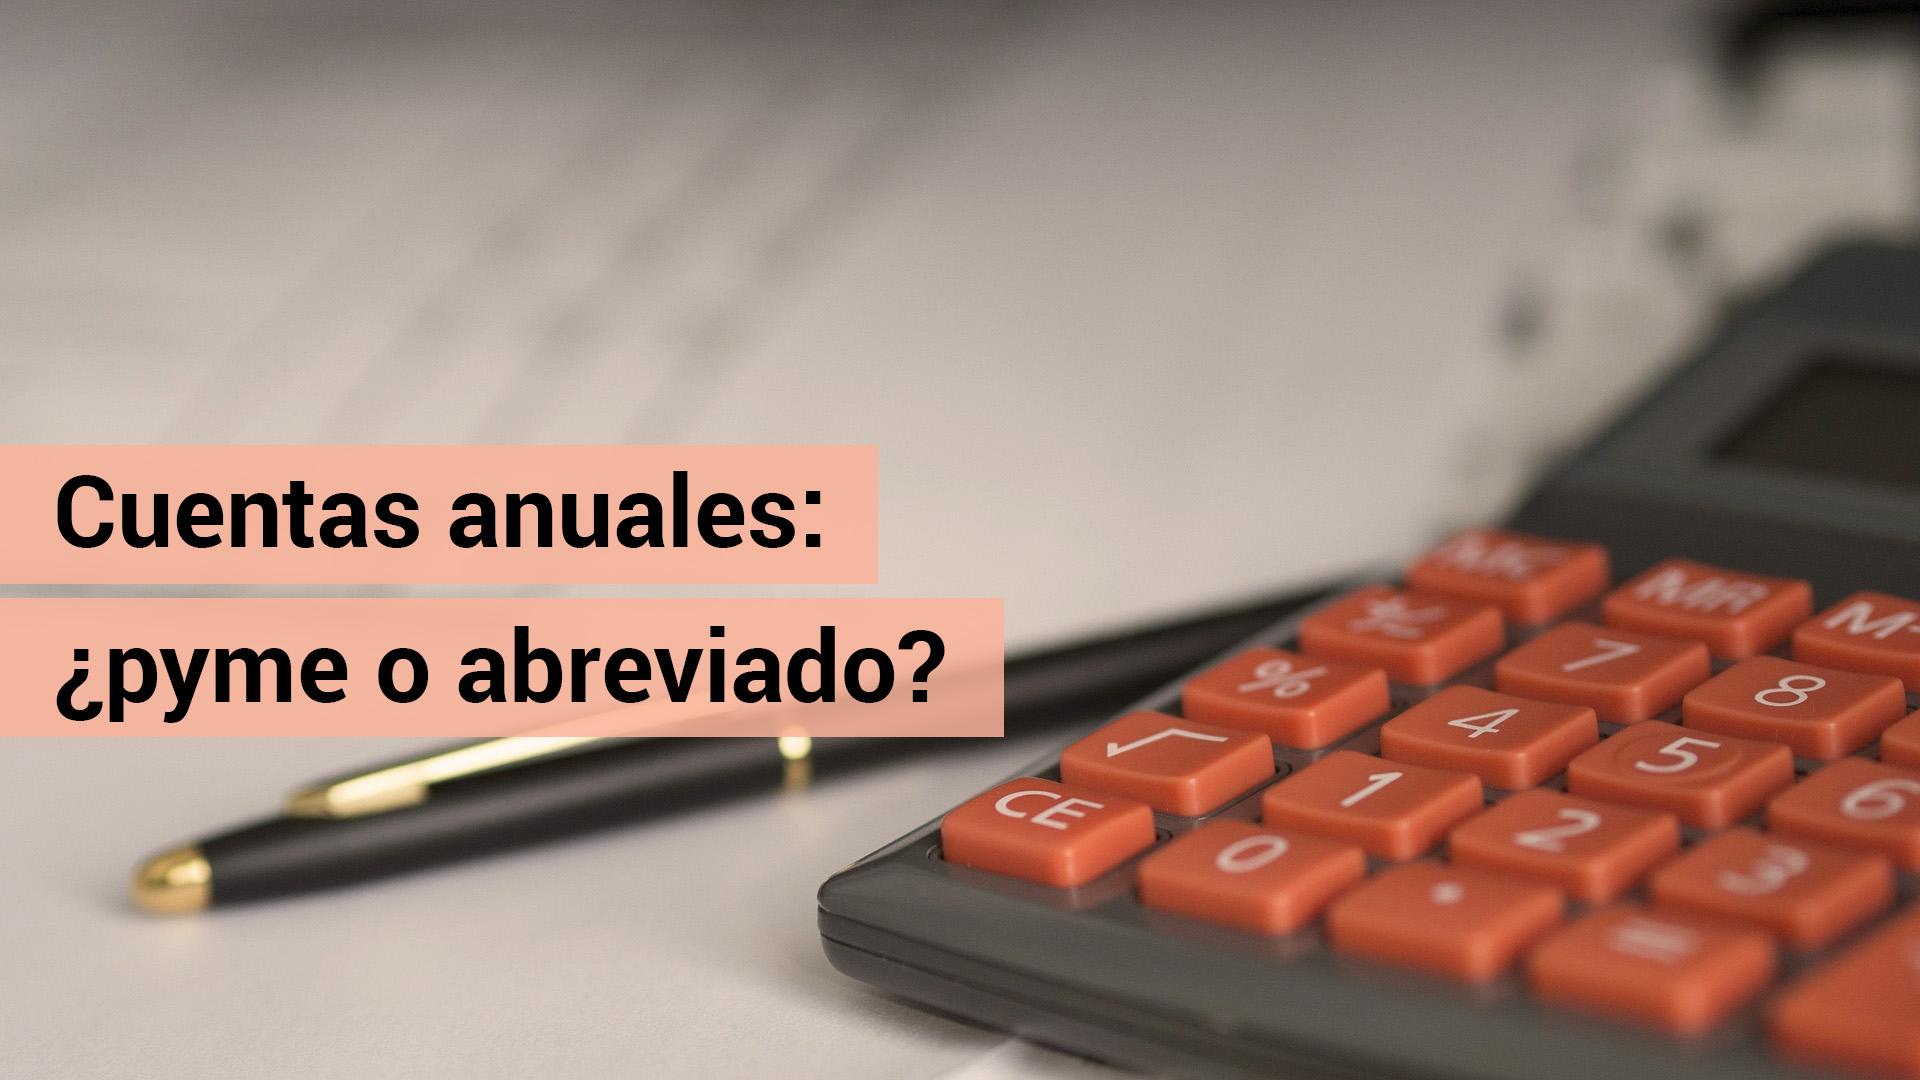 Cuentas anuales: ¿modelo PYMES o modelo abreviado?